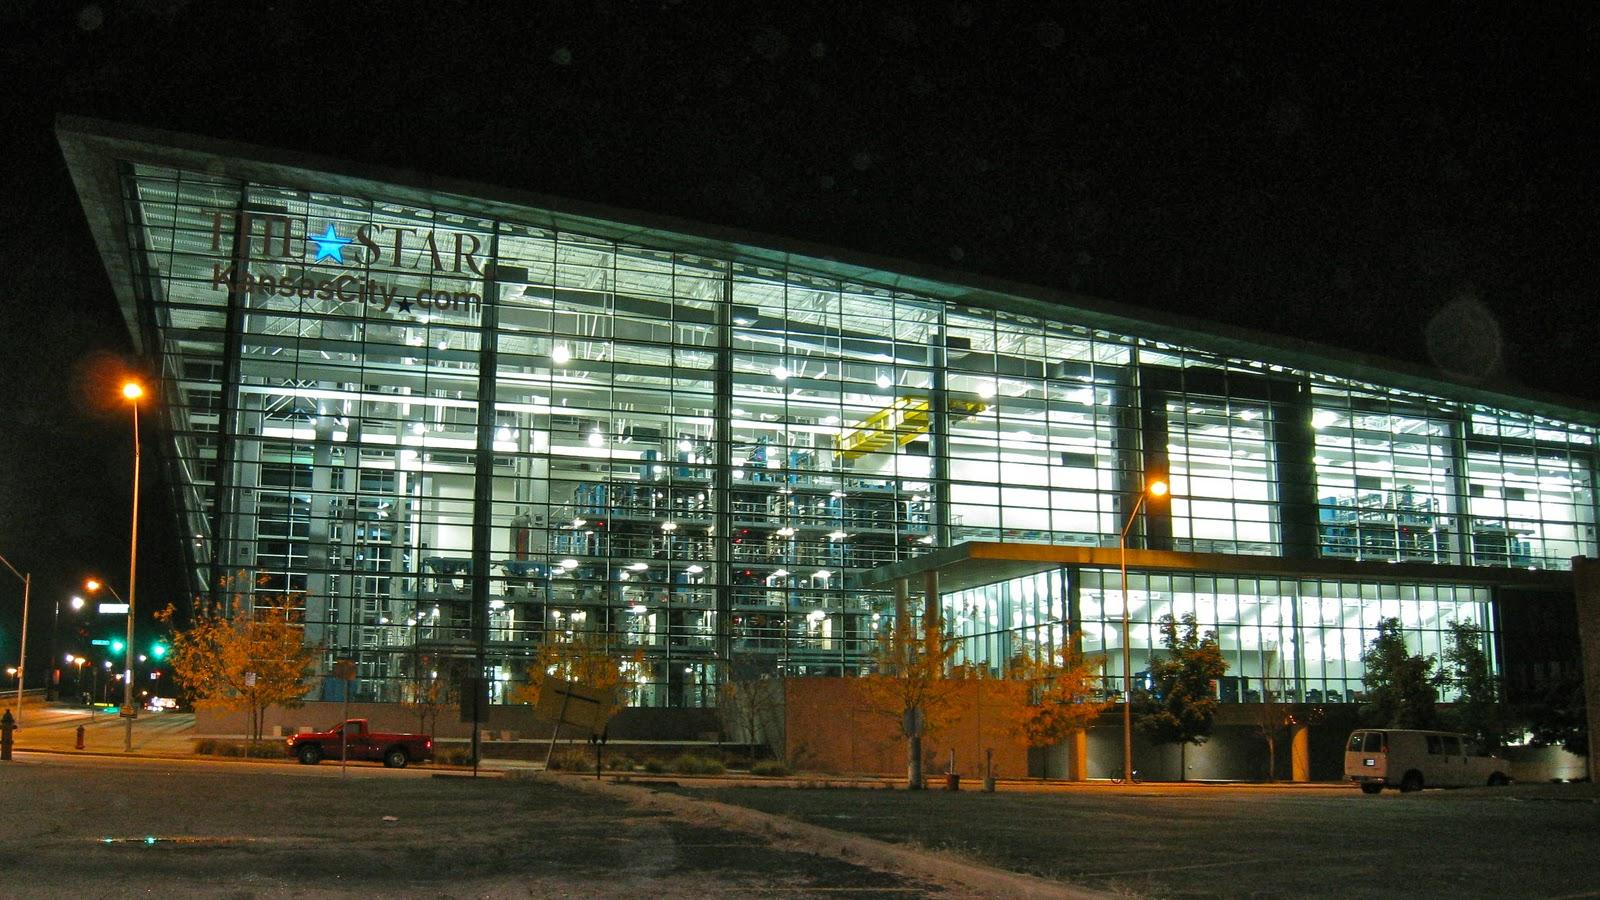 Kansas City Star 40